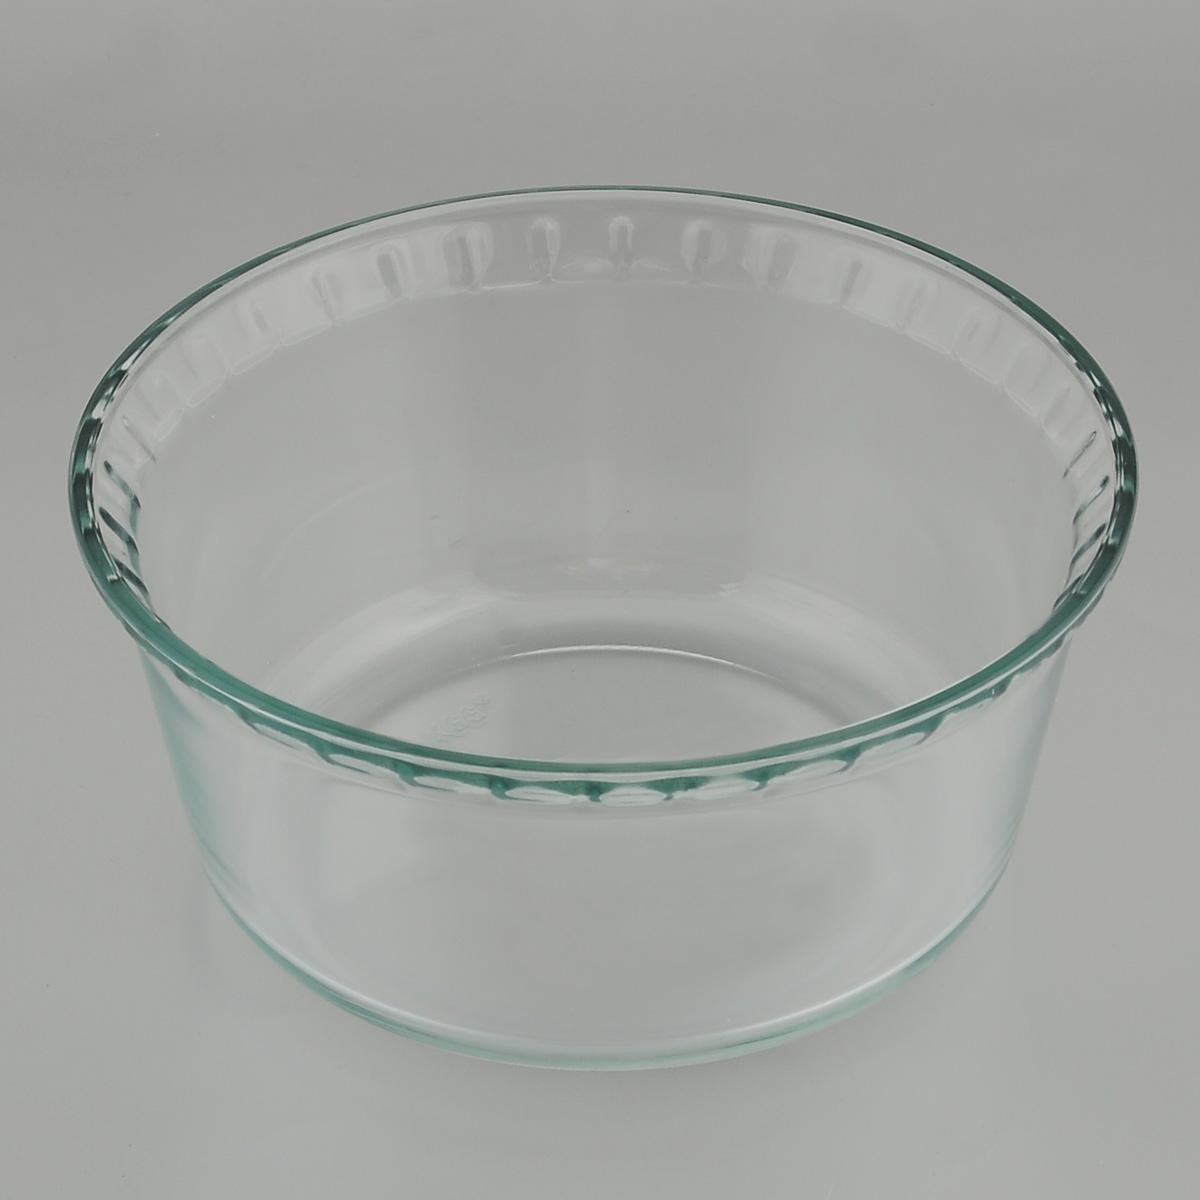 Форма для запекания Mijotex, круглая, диаметр 21 смPL22Глубокая круглая форма для запекания Mijotex изготовлена из жаропрочного стекла, которое выдерживает температуру до +450°С. Форма предназначена для приготовления горячих блюд. Материал изделия гигиеничен, прост в уходе и обладает высокой степенью прочности. Форма идеально подходит для использования в духовках, микроволновых печах, холодильниках и морозильных камерах. Также ее можно использовать на газовых плитах (на слабом огне) и на электроплитах. Можно мыть в посудомоечной машине.Диаметр формы: 21 см.Высота стенки формы: 10 см.